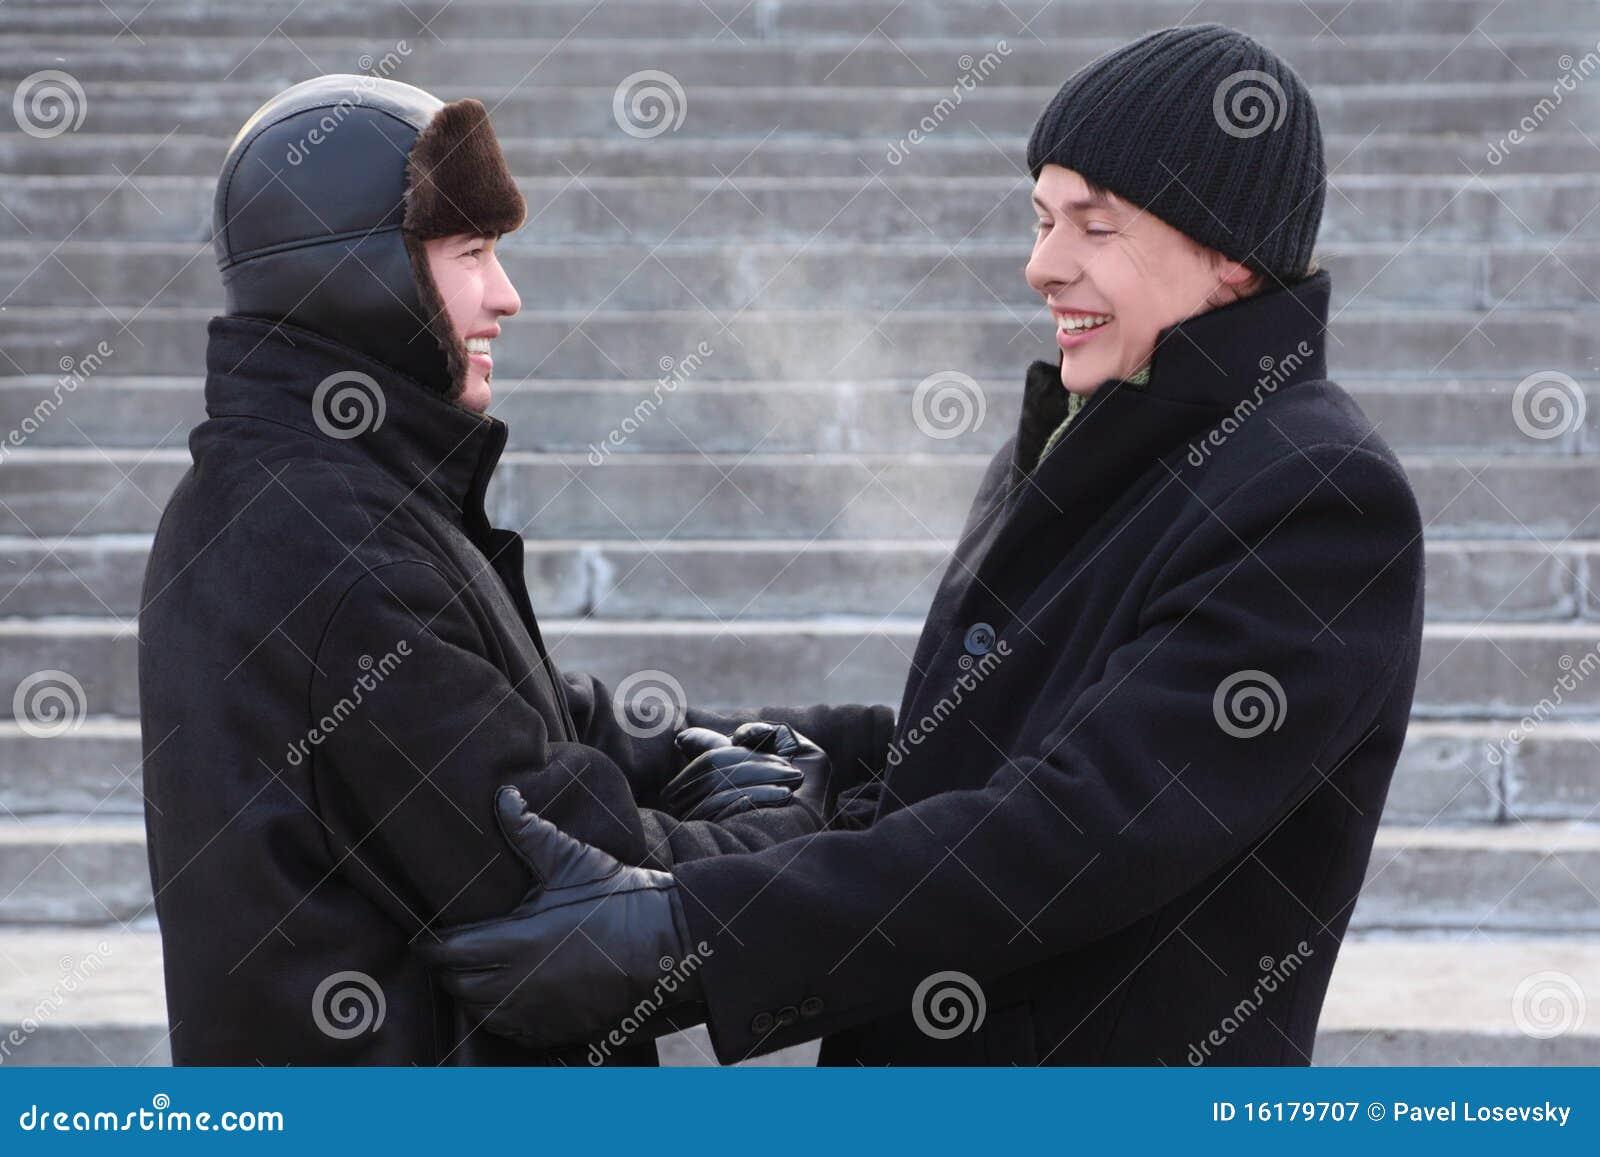 Фотографии двух друзей парней 1 фотография